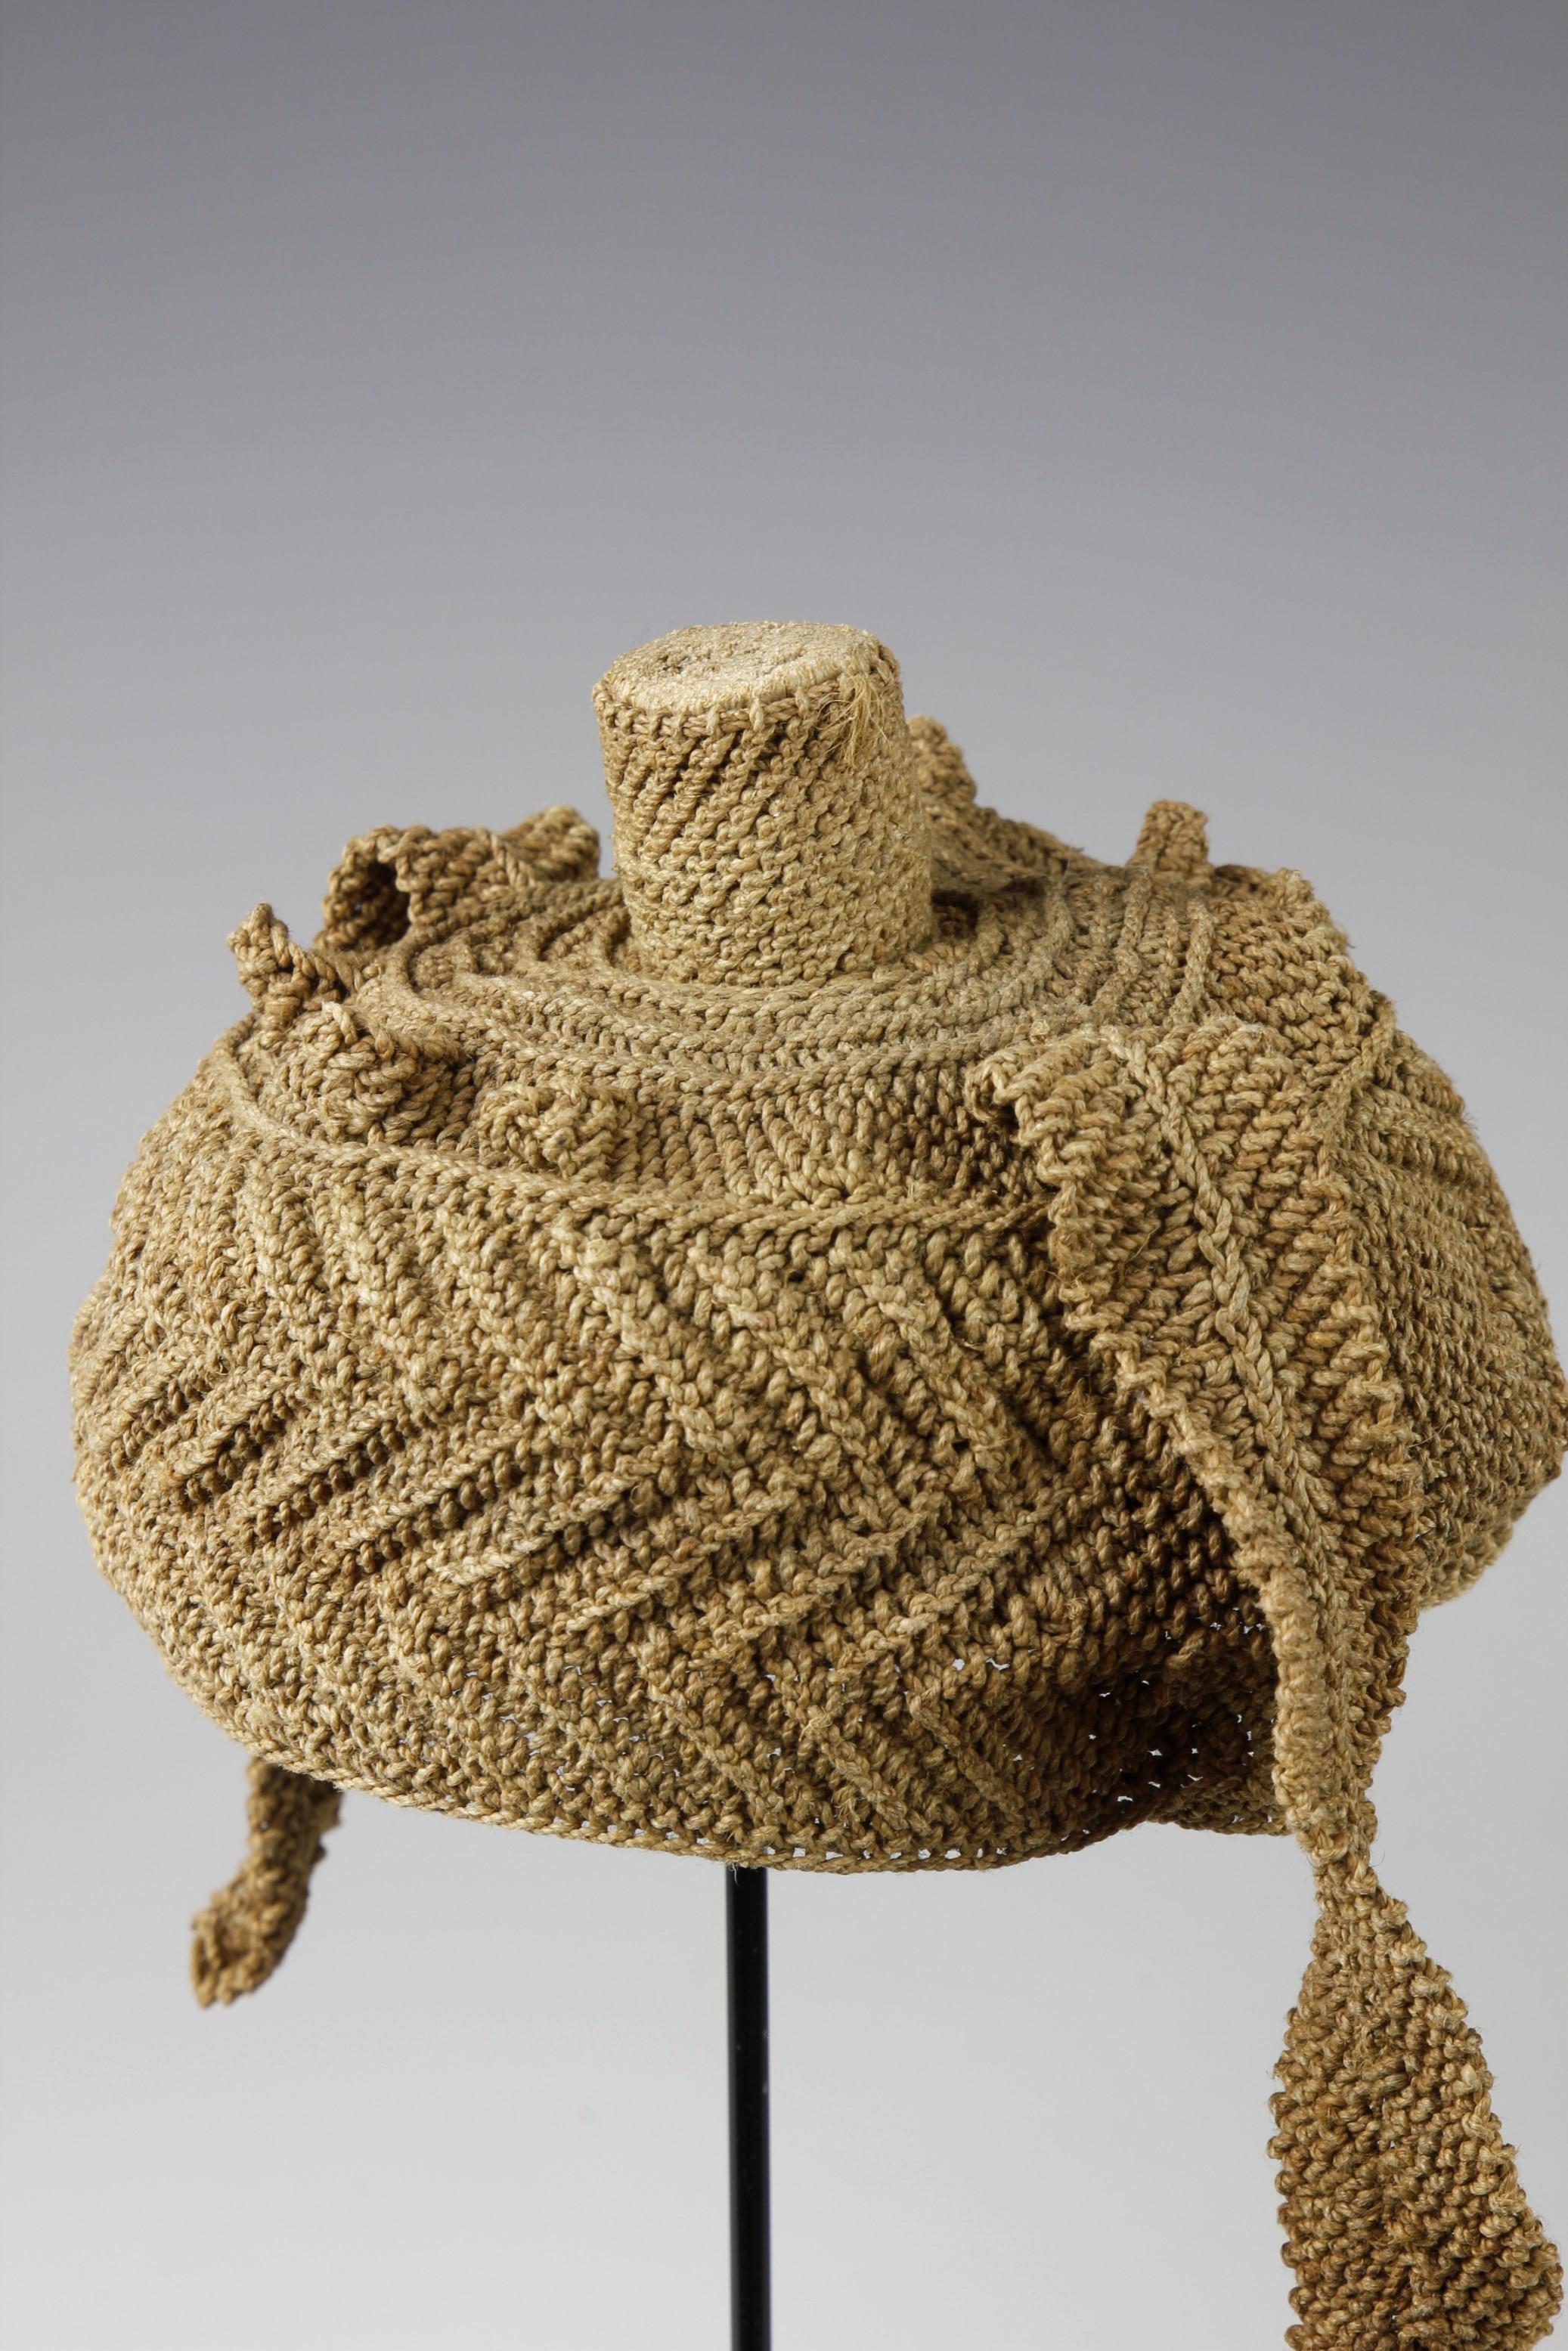 RARE WOVEN PALM FIBER prestige hat